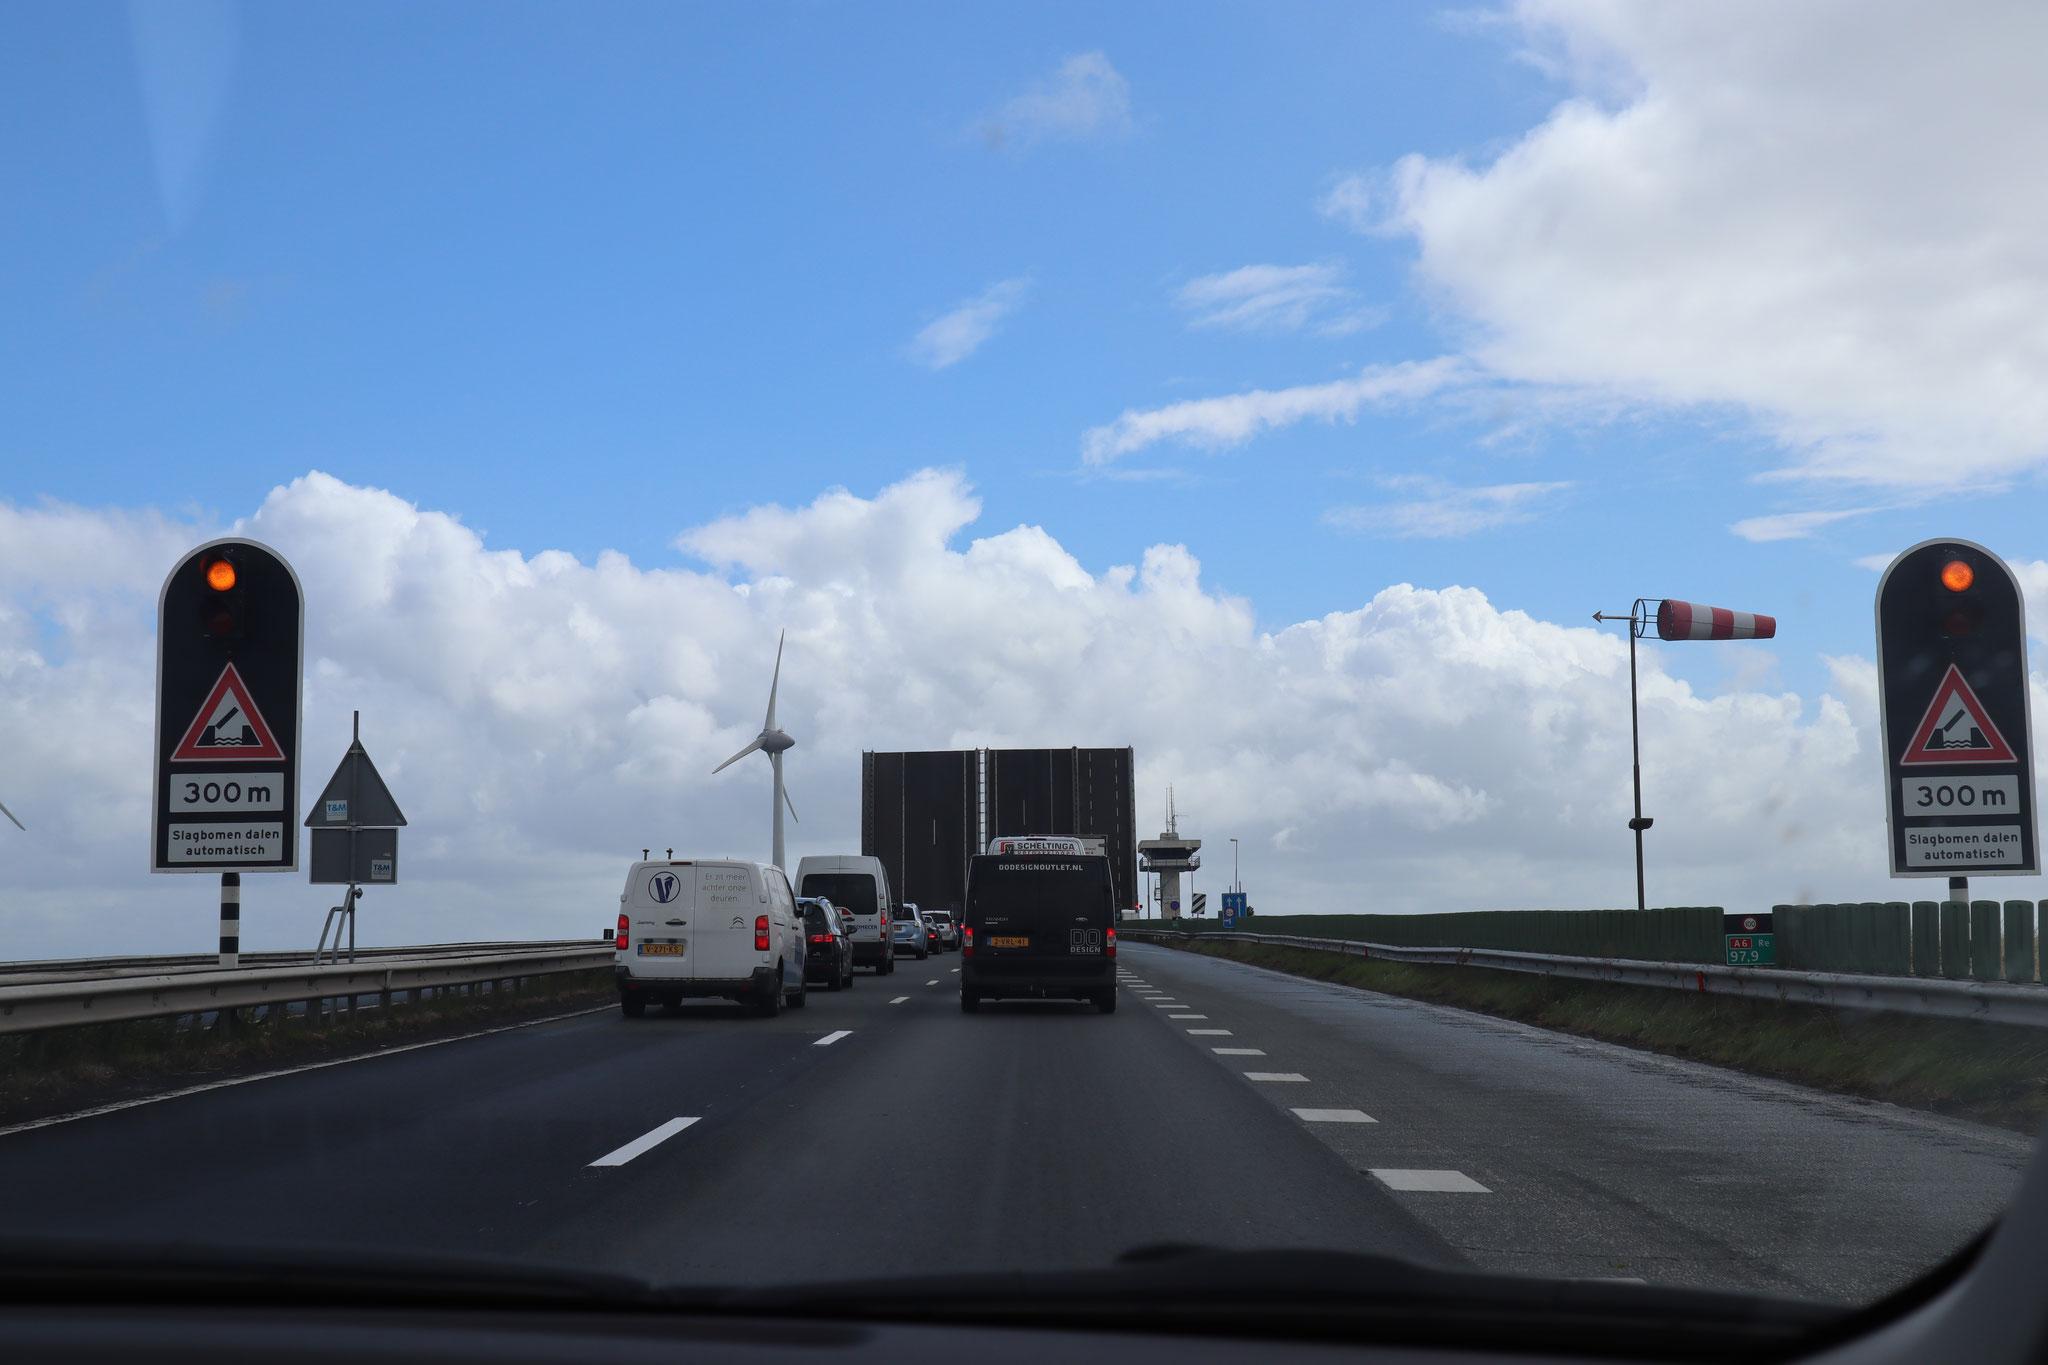 Giethoorn(ヒートホールン)アルバム ヨットが通る時は、跳ね橋があがります。